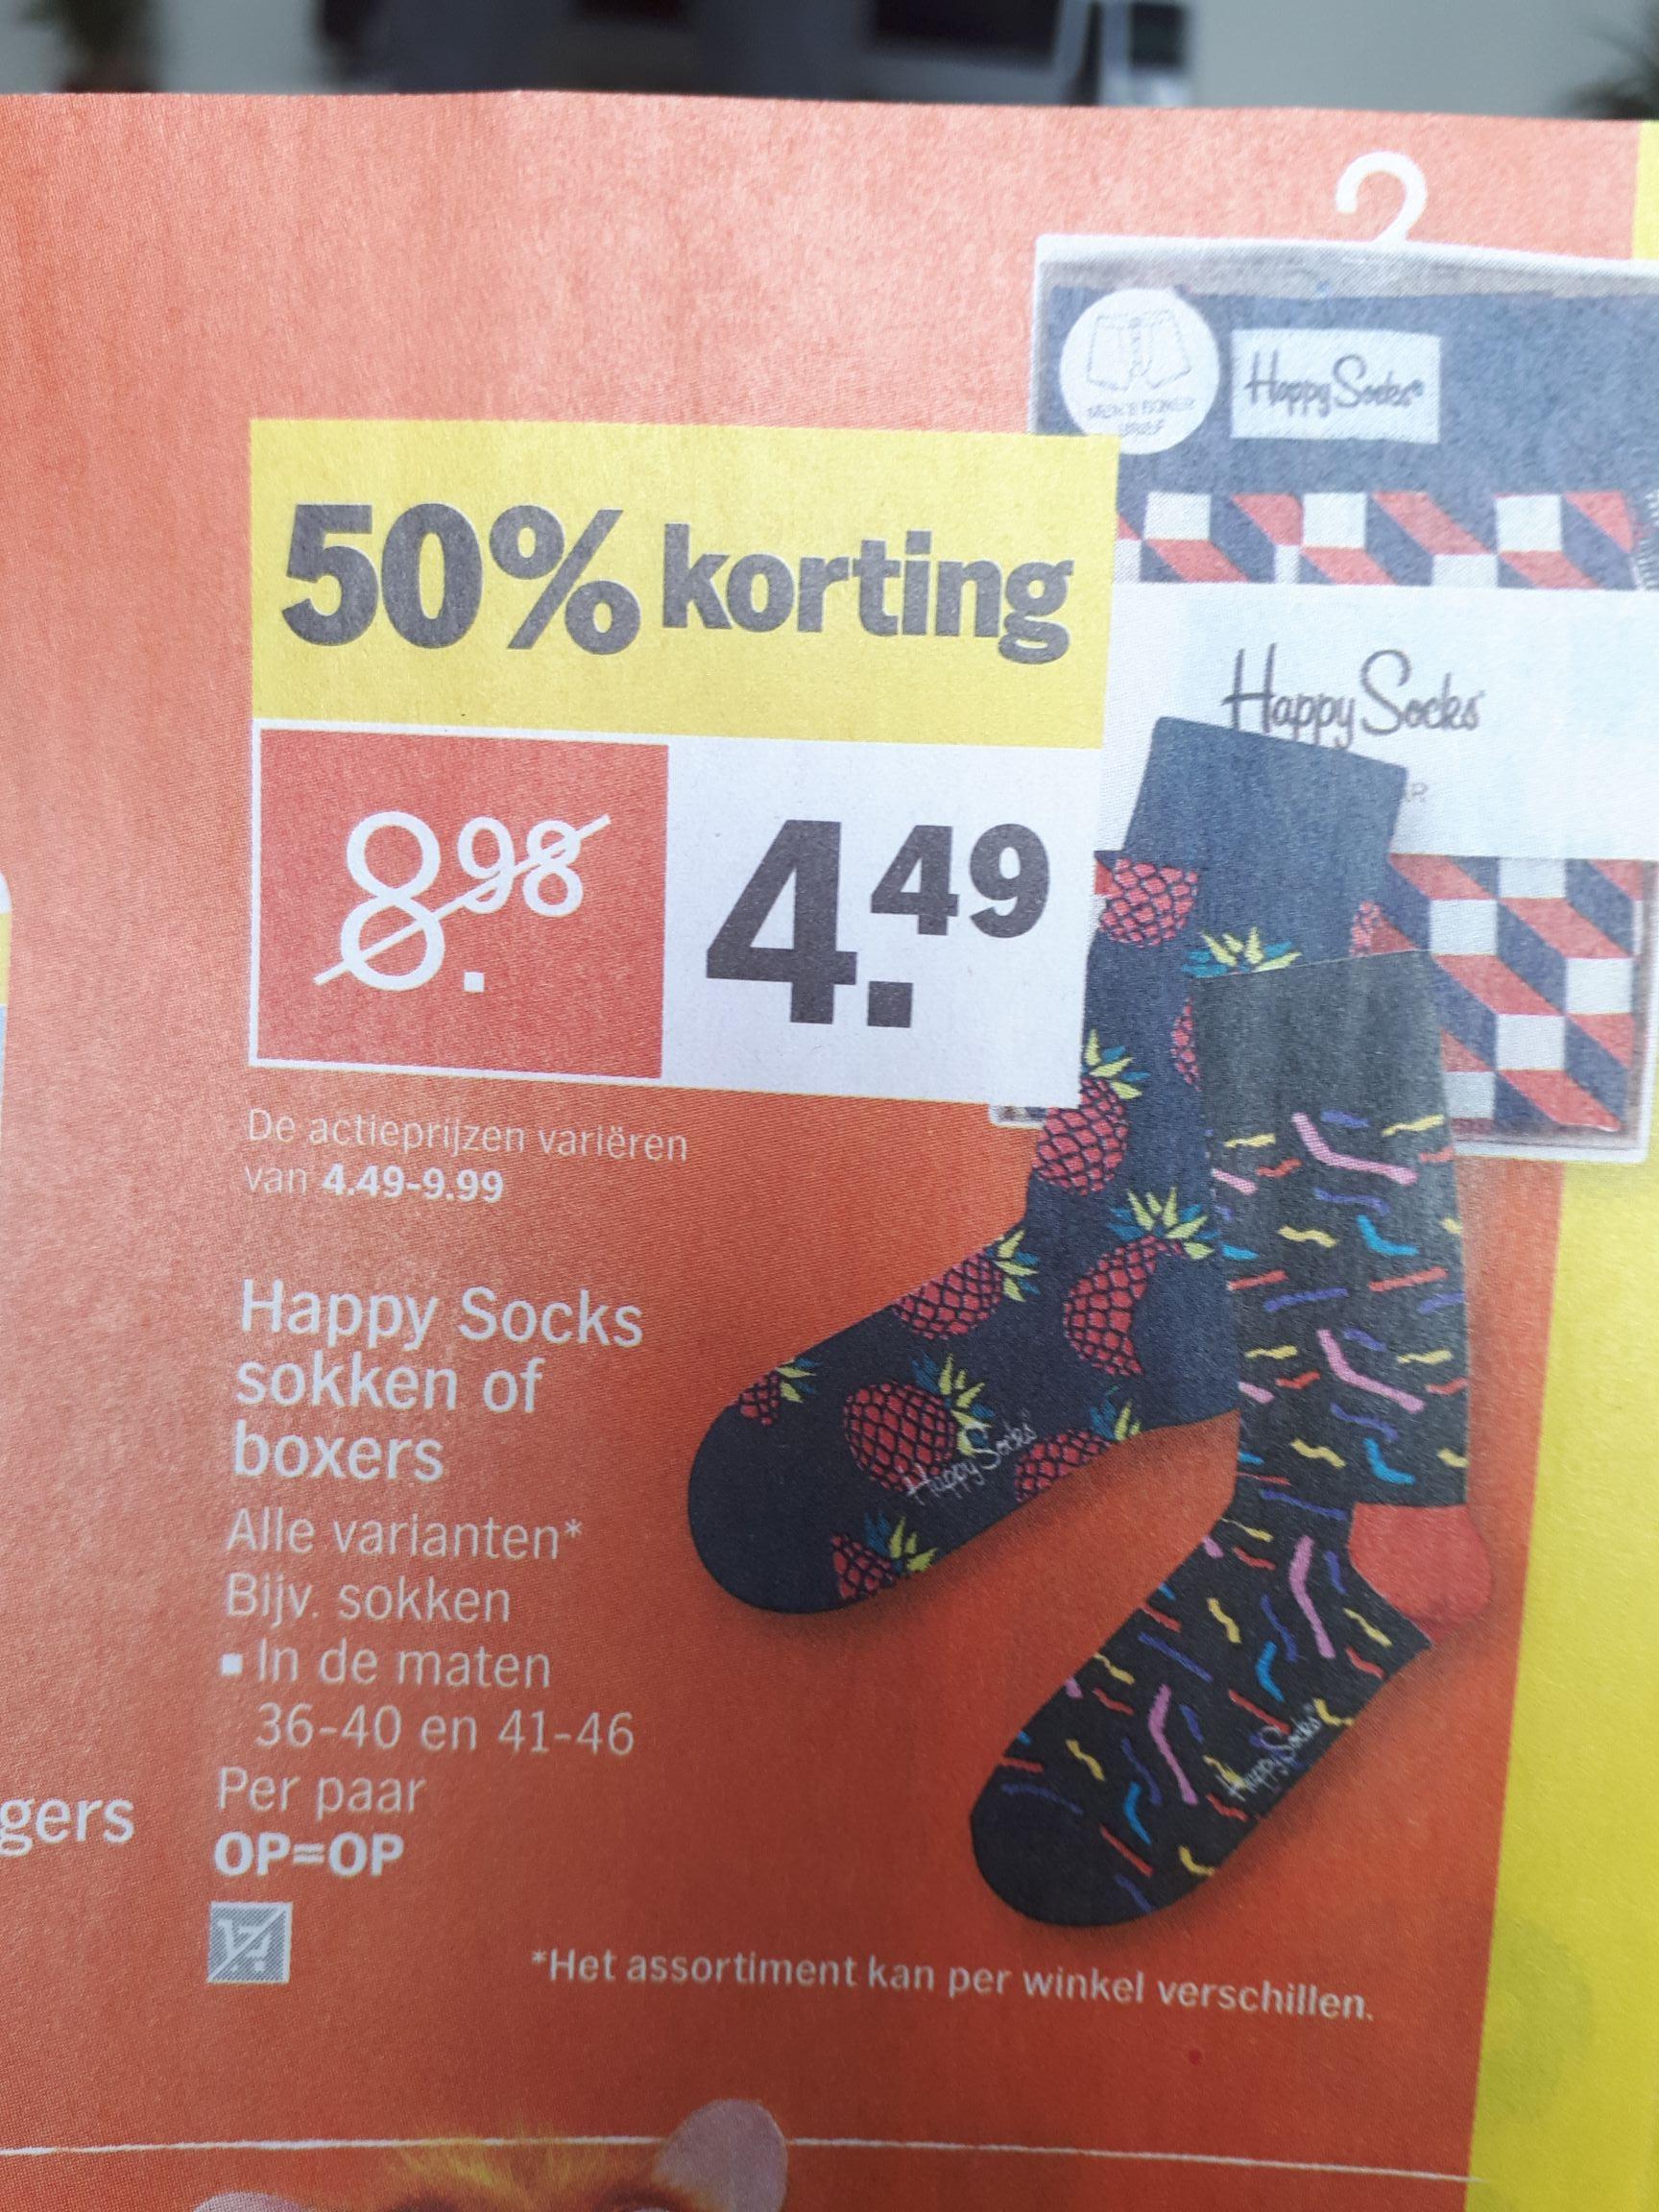 50% korting op Happy Socks sokken of boxers vanaf maandag bij de AH